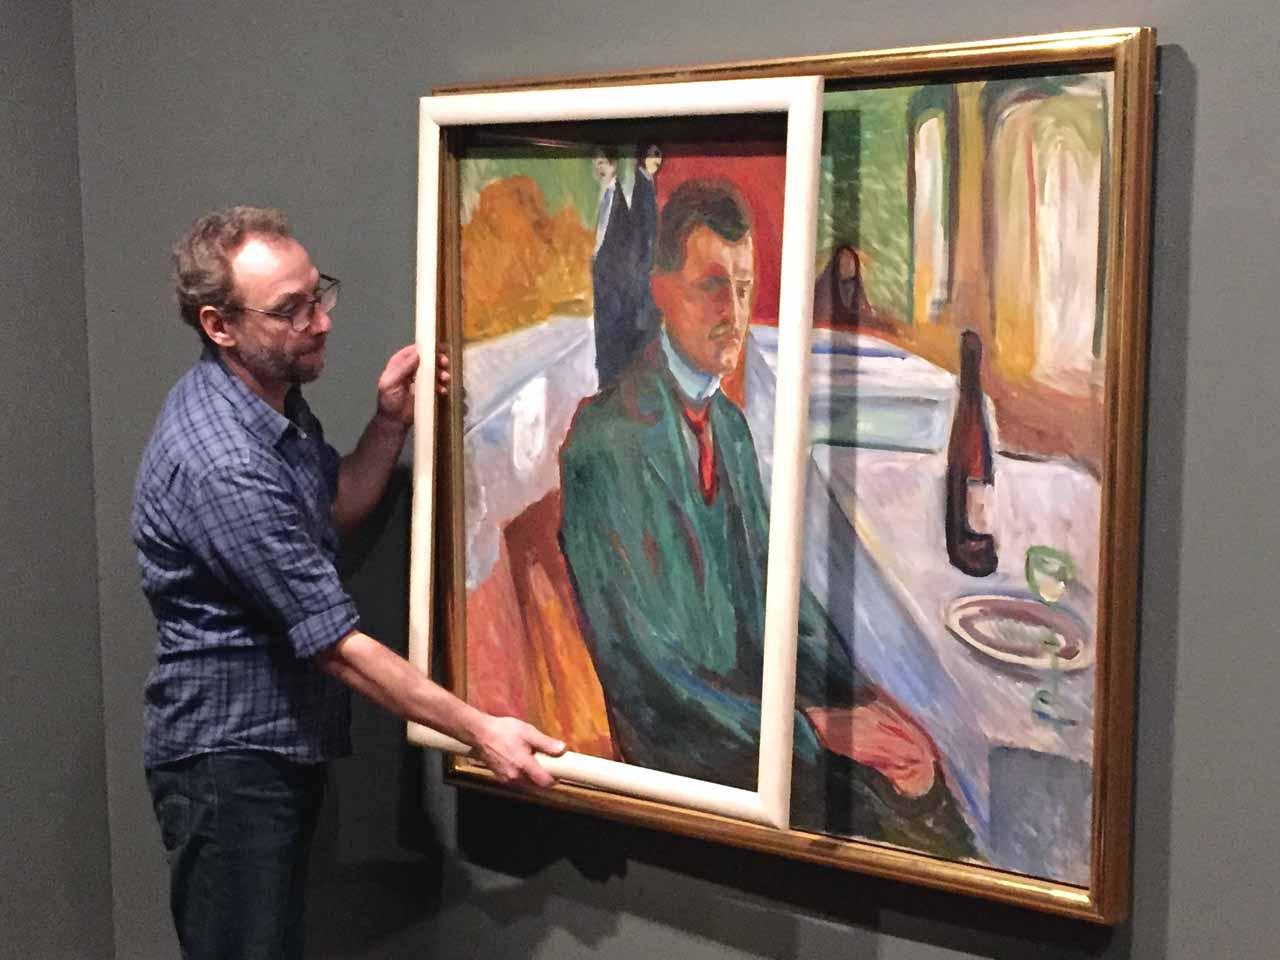 HALBE-Rahmen stattet Munch Museum in Oslo aus